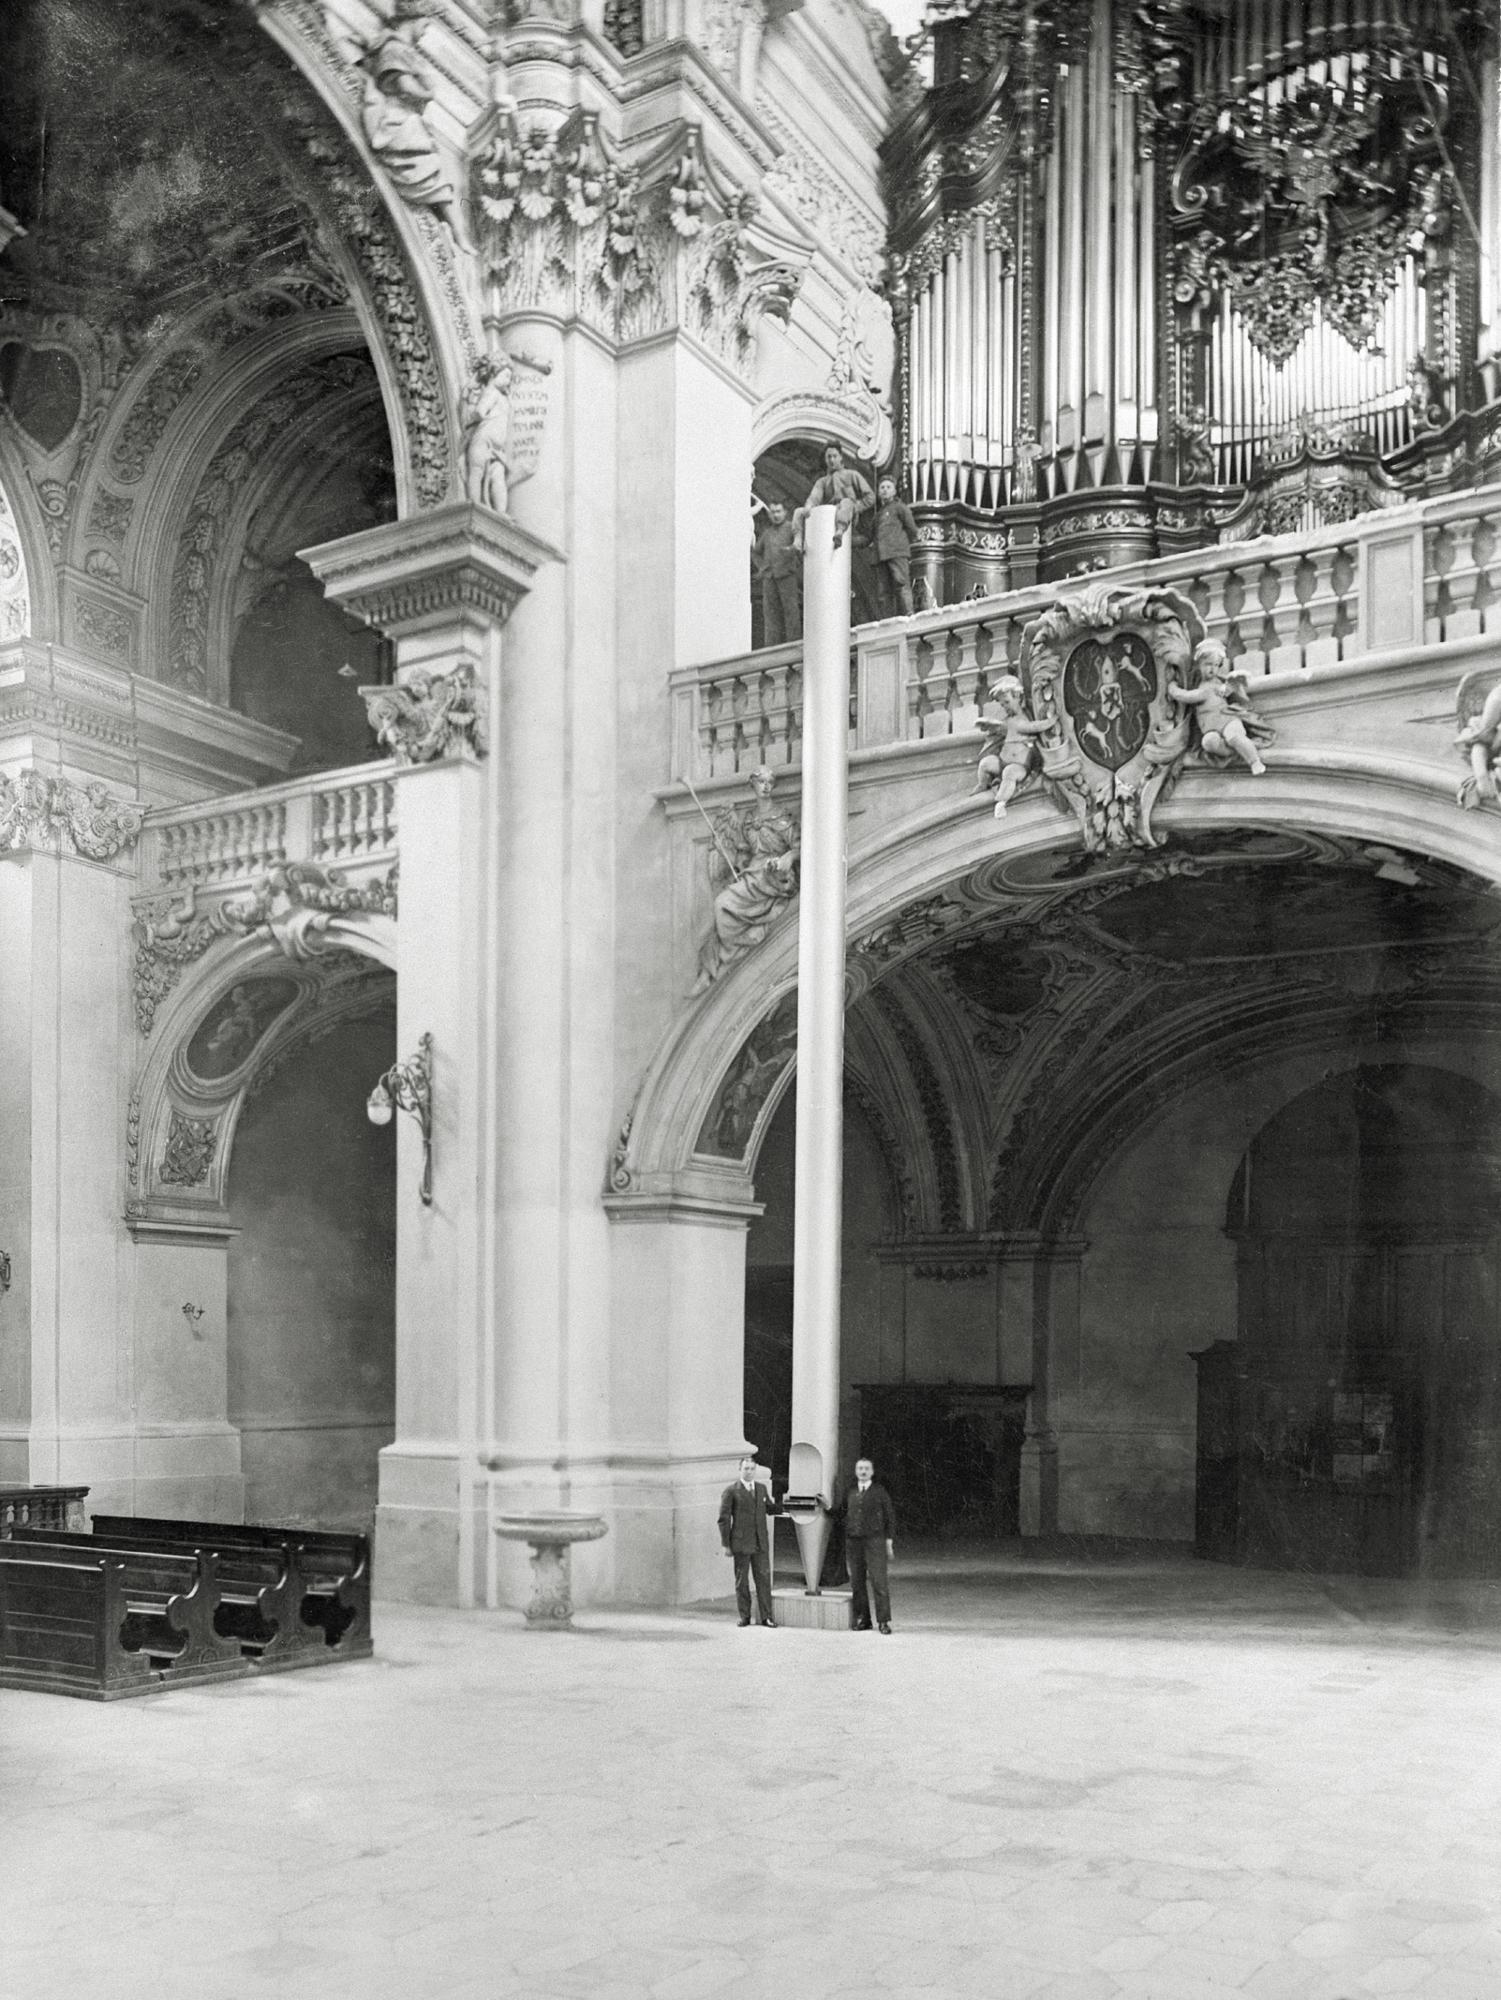 Steinmeyer Archiv Bild 5 Passau Groesste Orgelpfeife1928